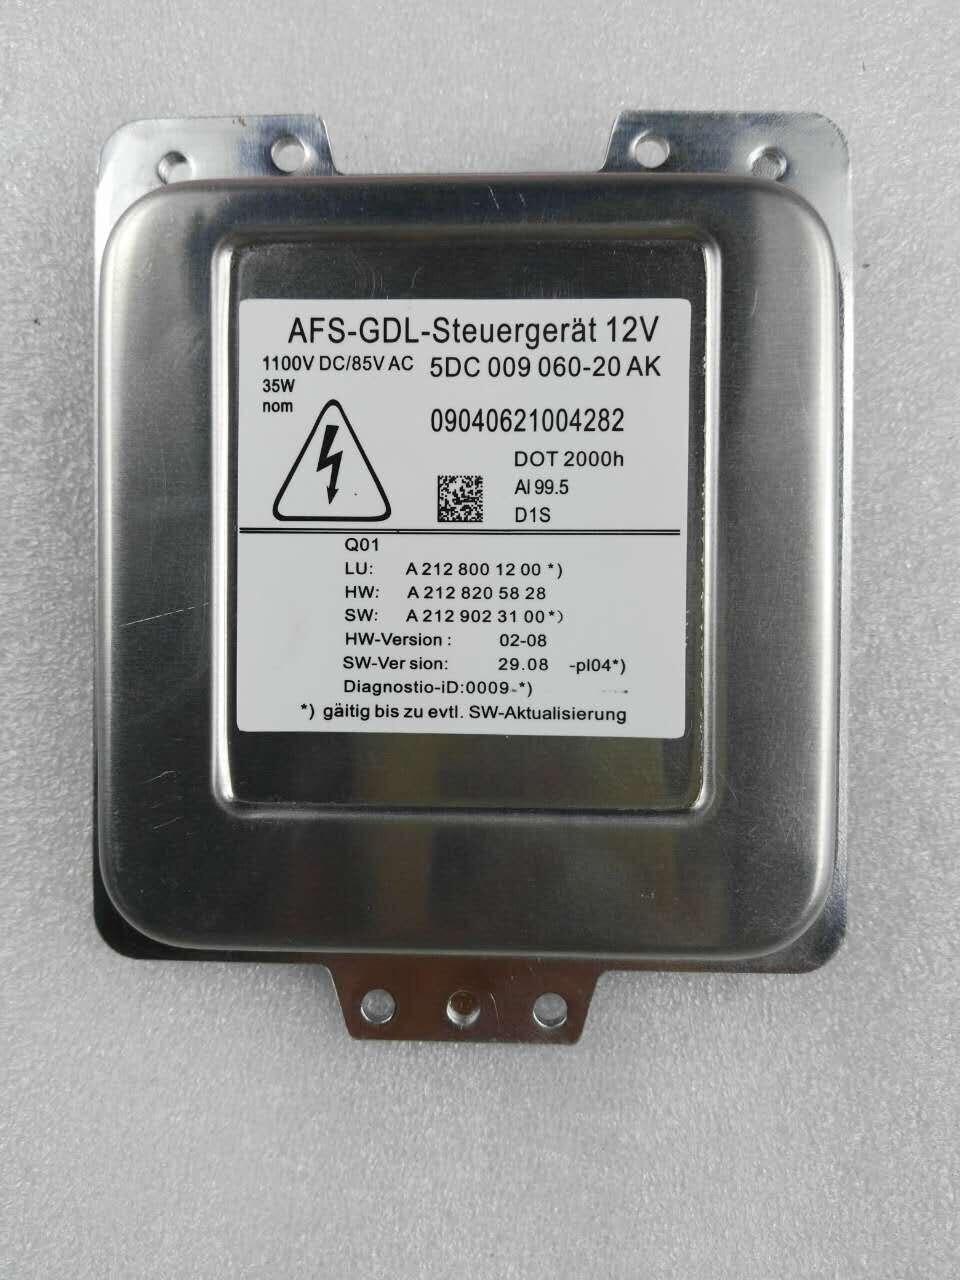 D1s xenon hid headlight ballast for oem h ella afs gdl 5dc009060 00